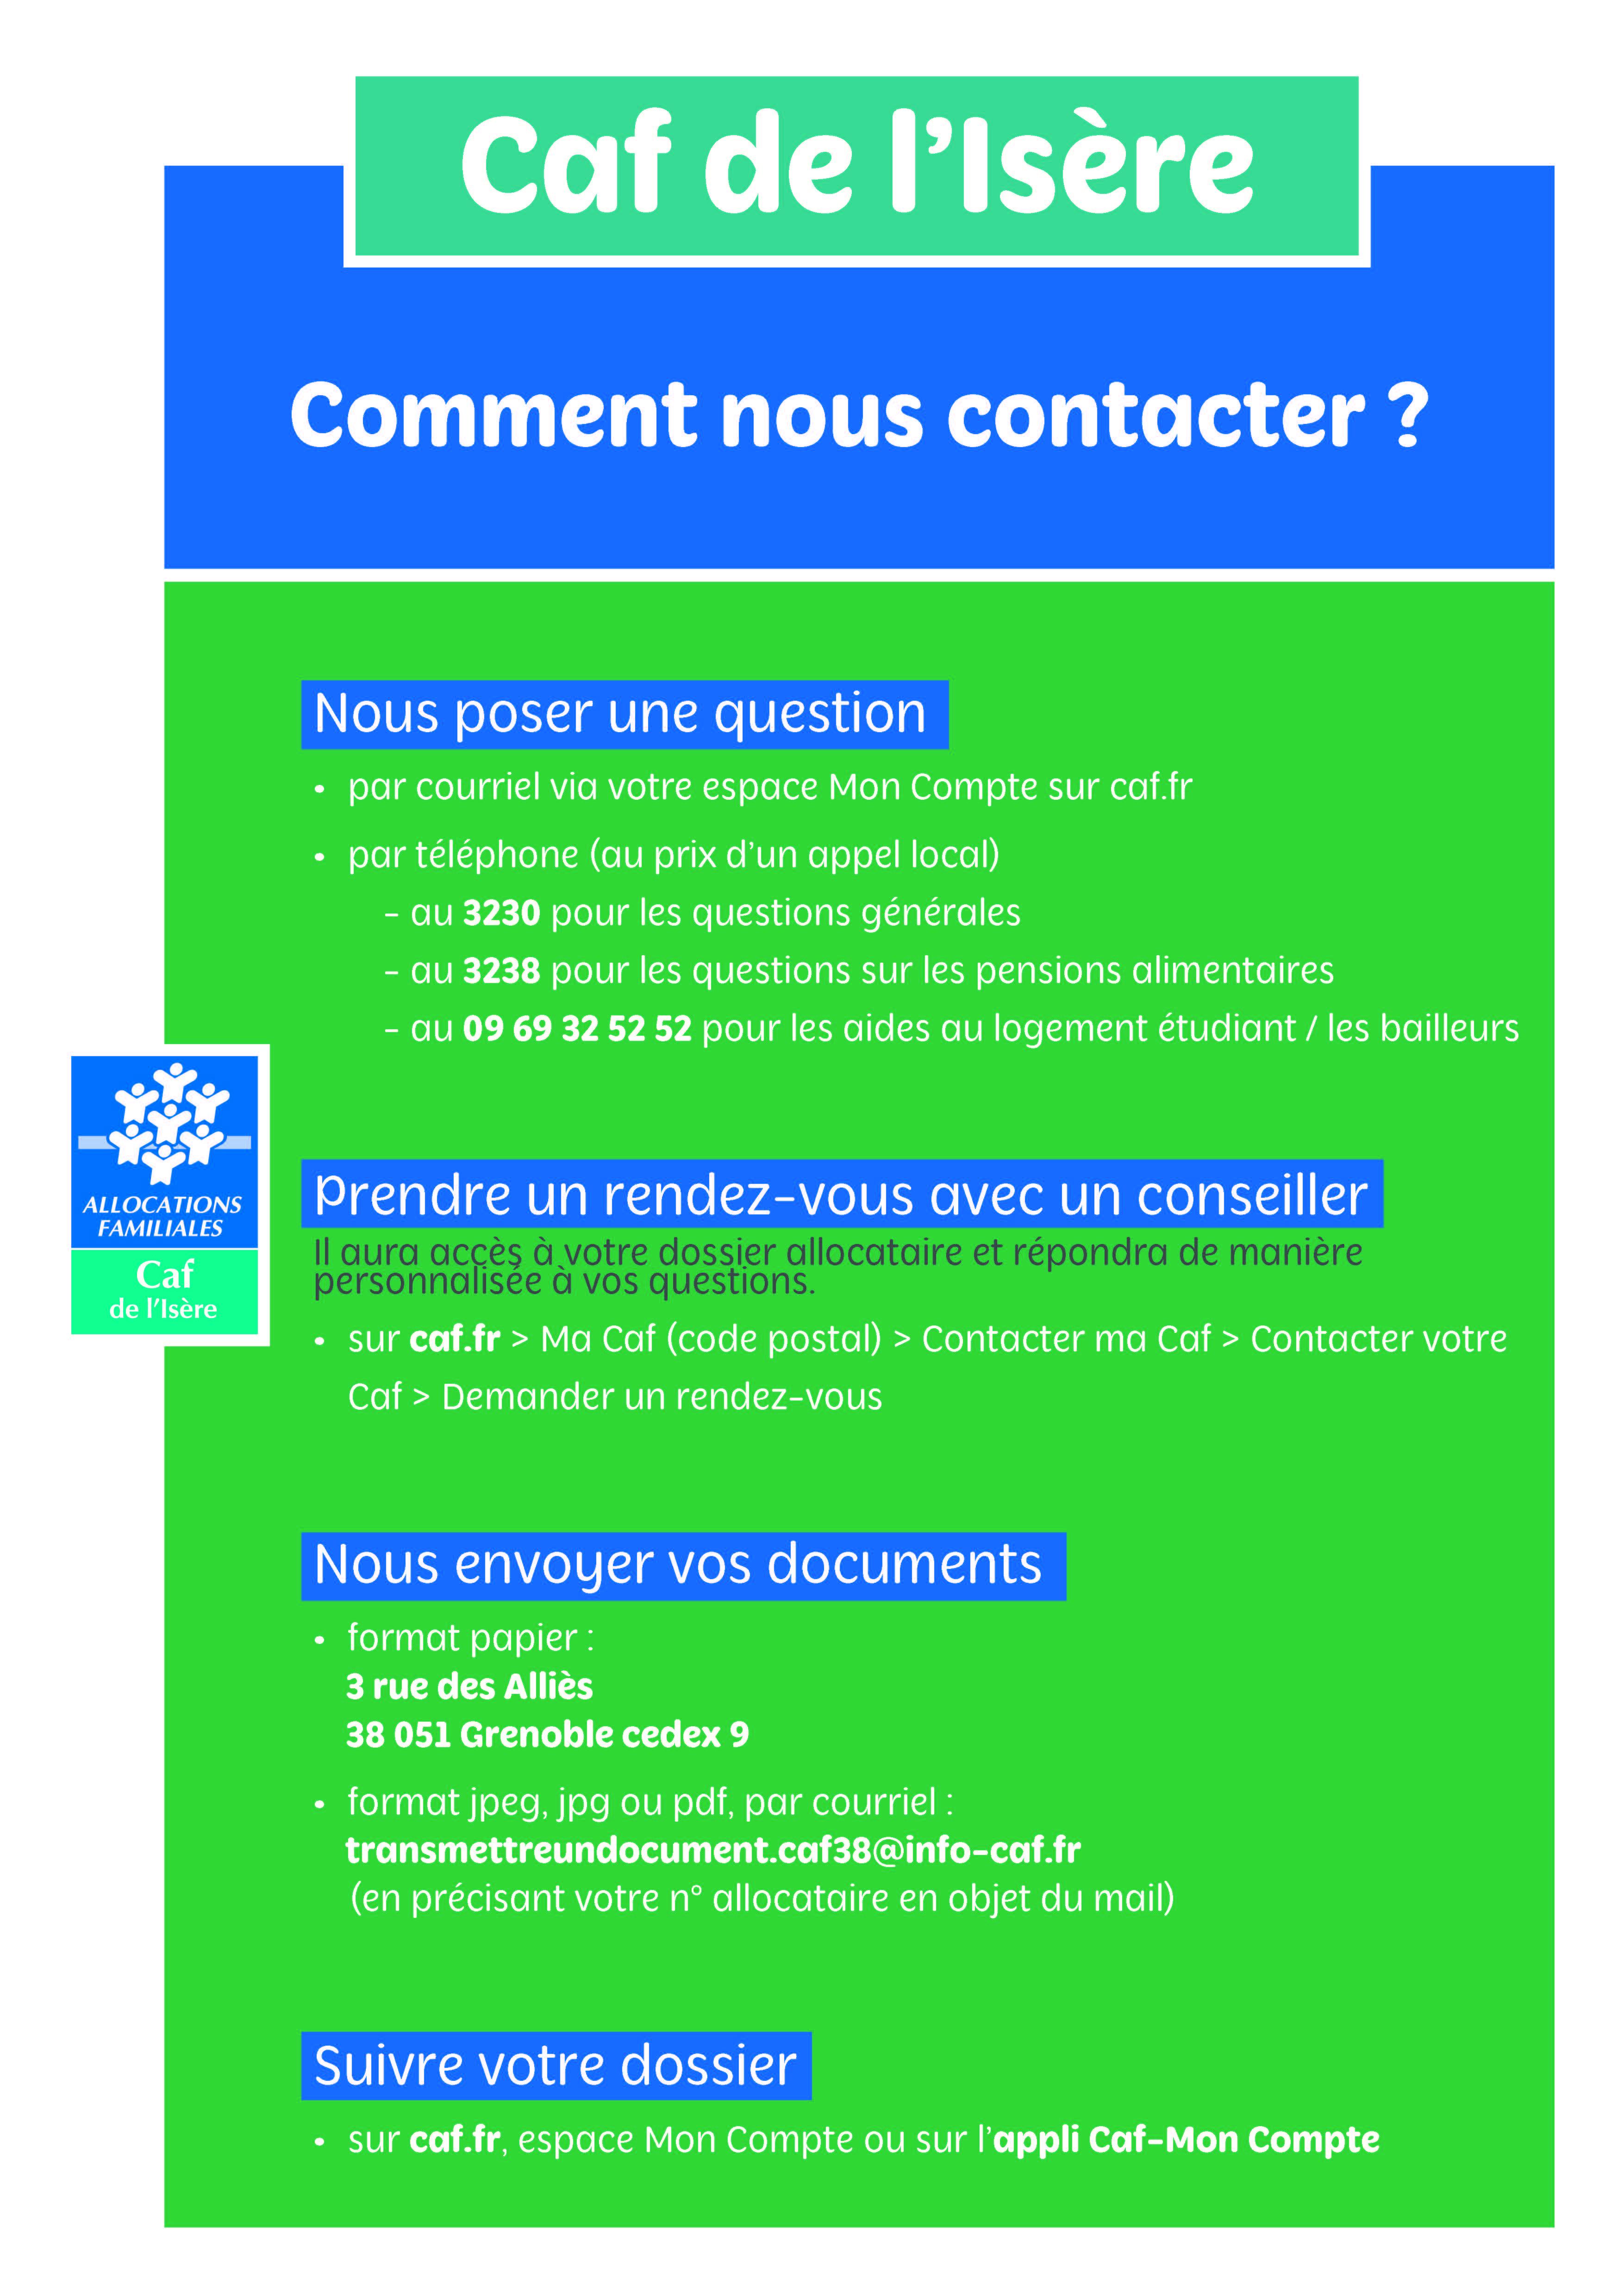 Prise de rendez-vous / Accueil sur rendez-vous / Accueil - Les services de l'État en Isère